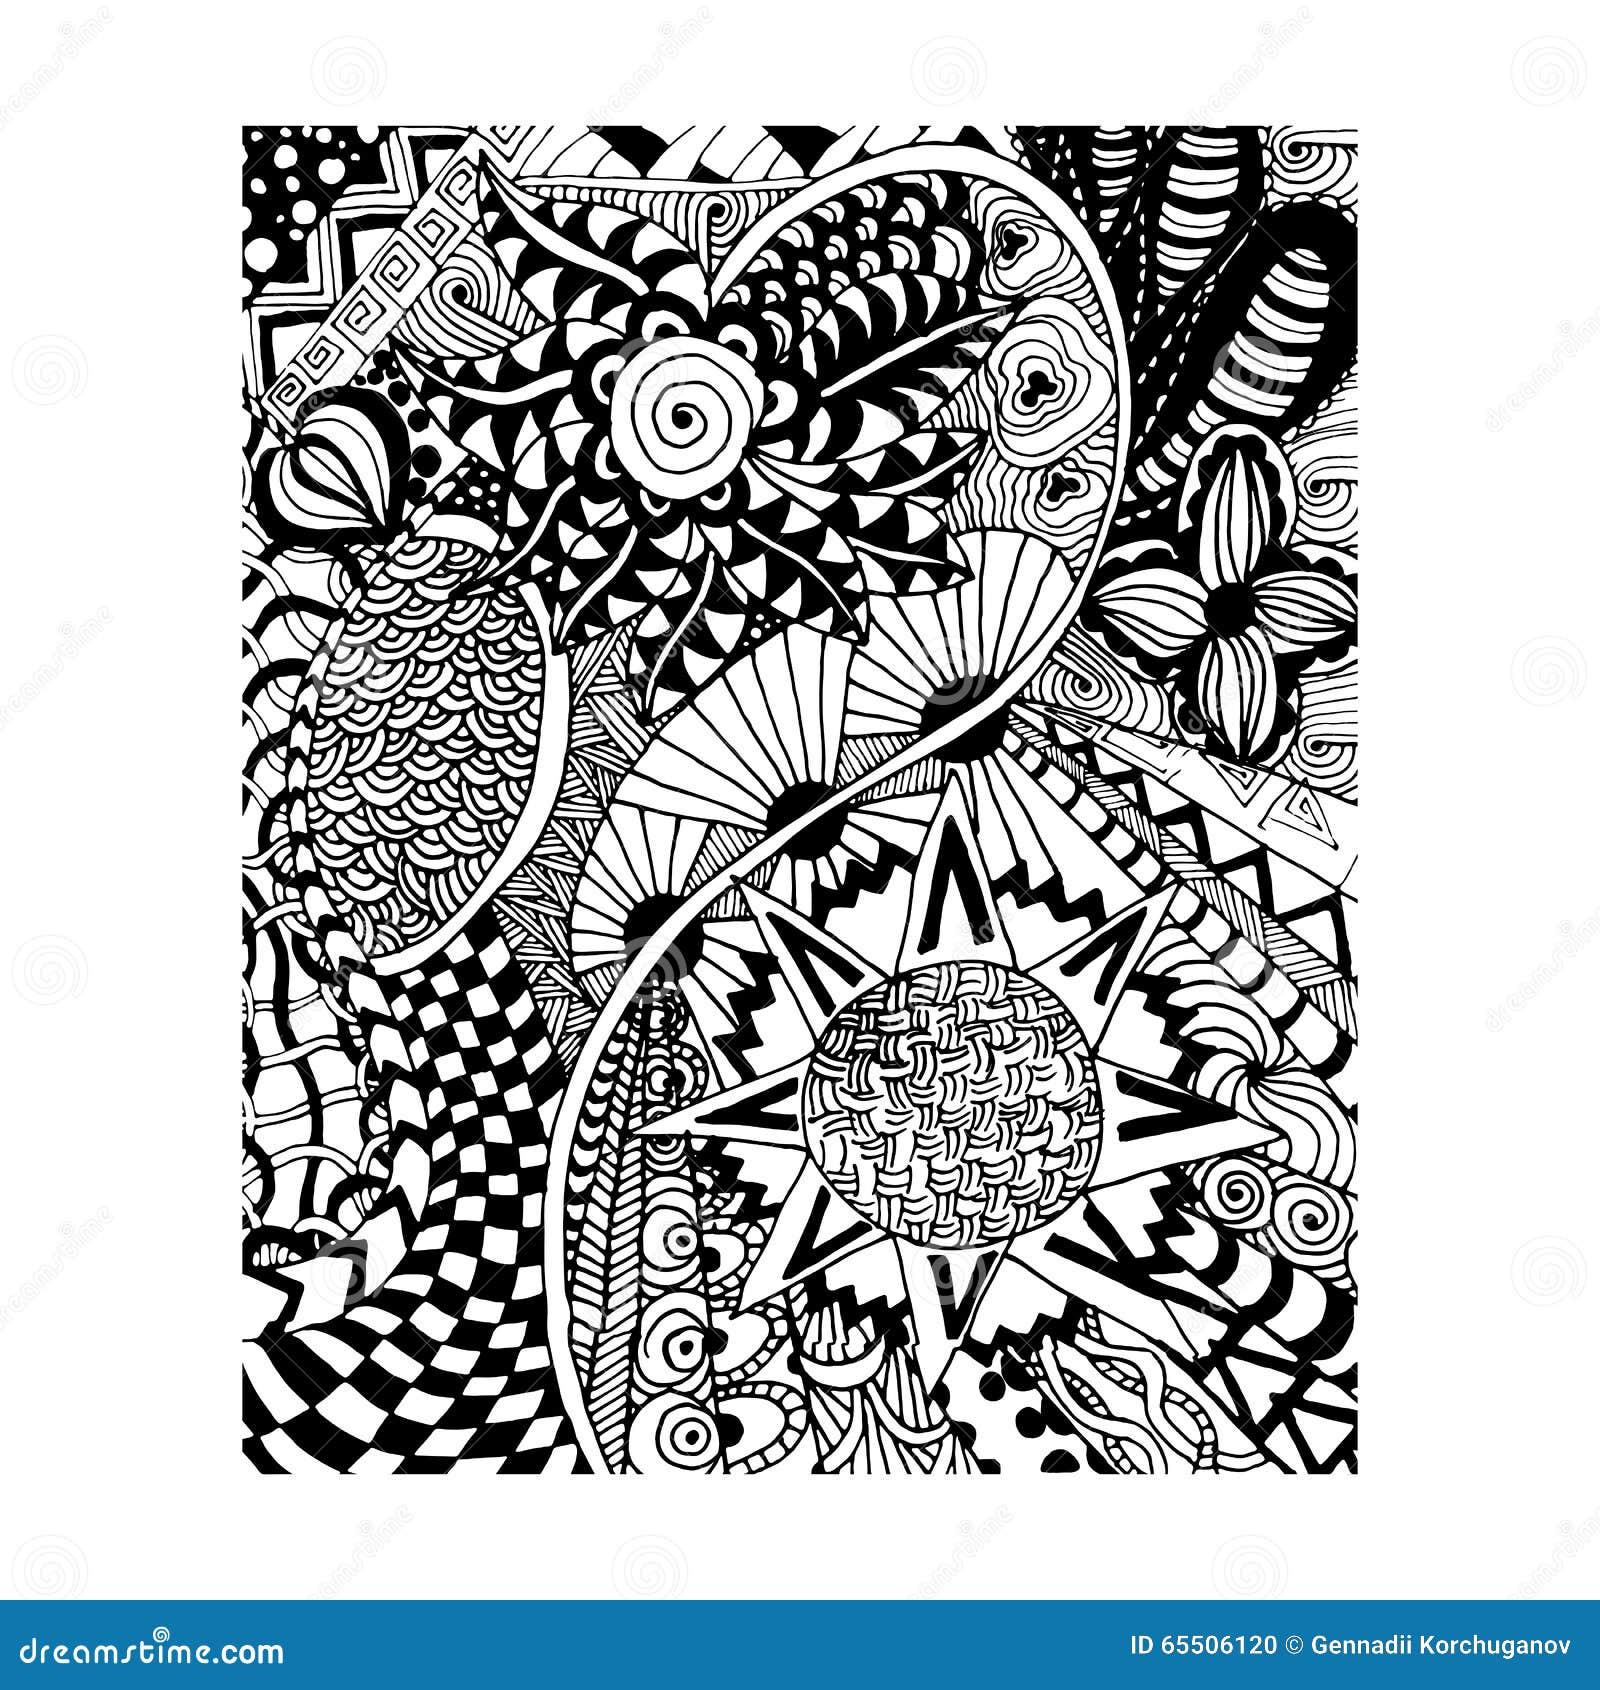 download zentangle muster gekritzel florent art handabgehobener betrag stock abbildung - Zentangle Muster